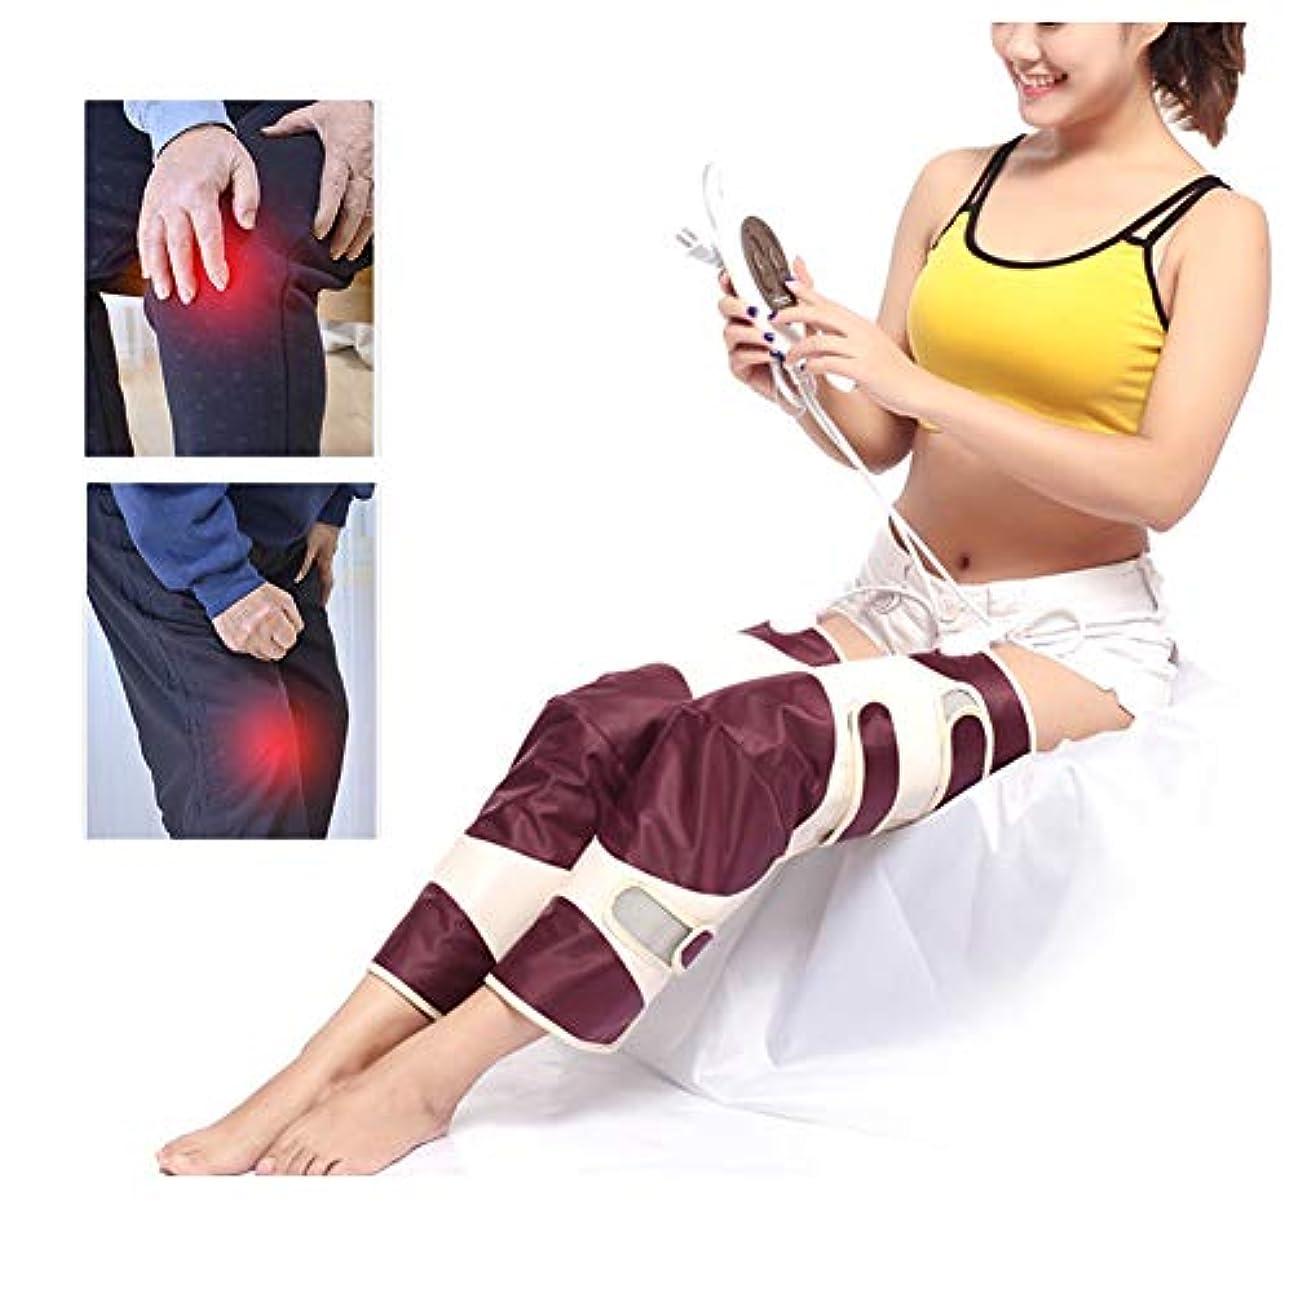 有効化自分自身月面膝の怪我、痛みを軽減するための電気加熱膝ブレースサポート - 膝温かいラップ加熱パッド - 遠赤外線治療マッサージャー